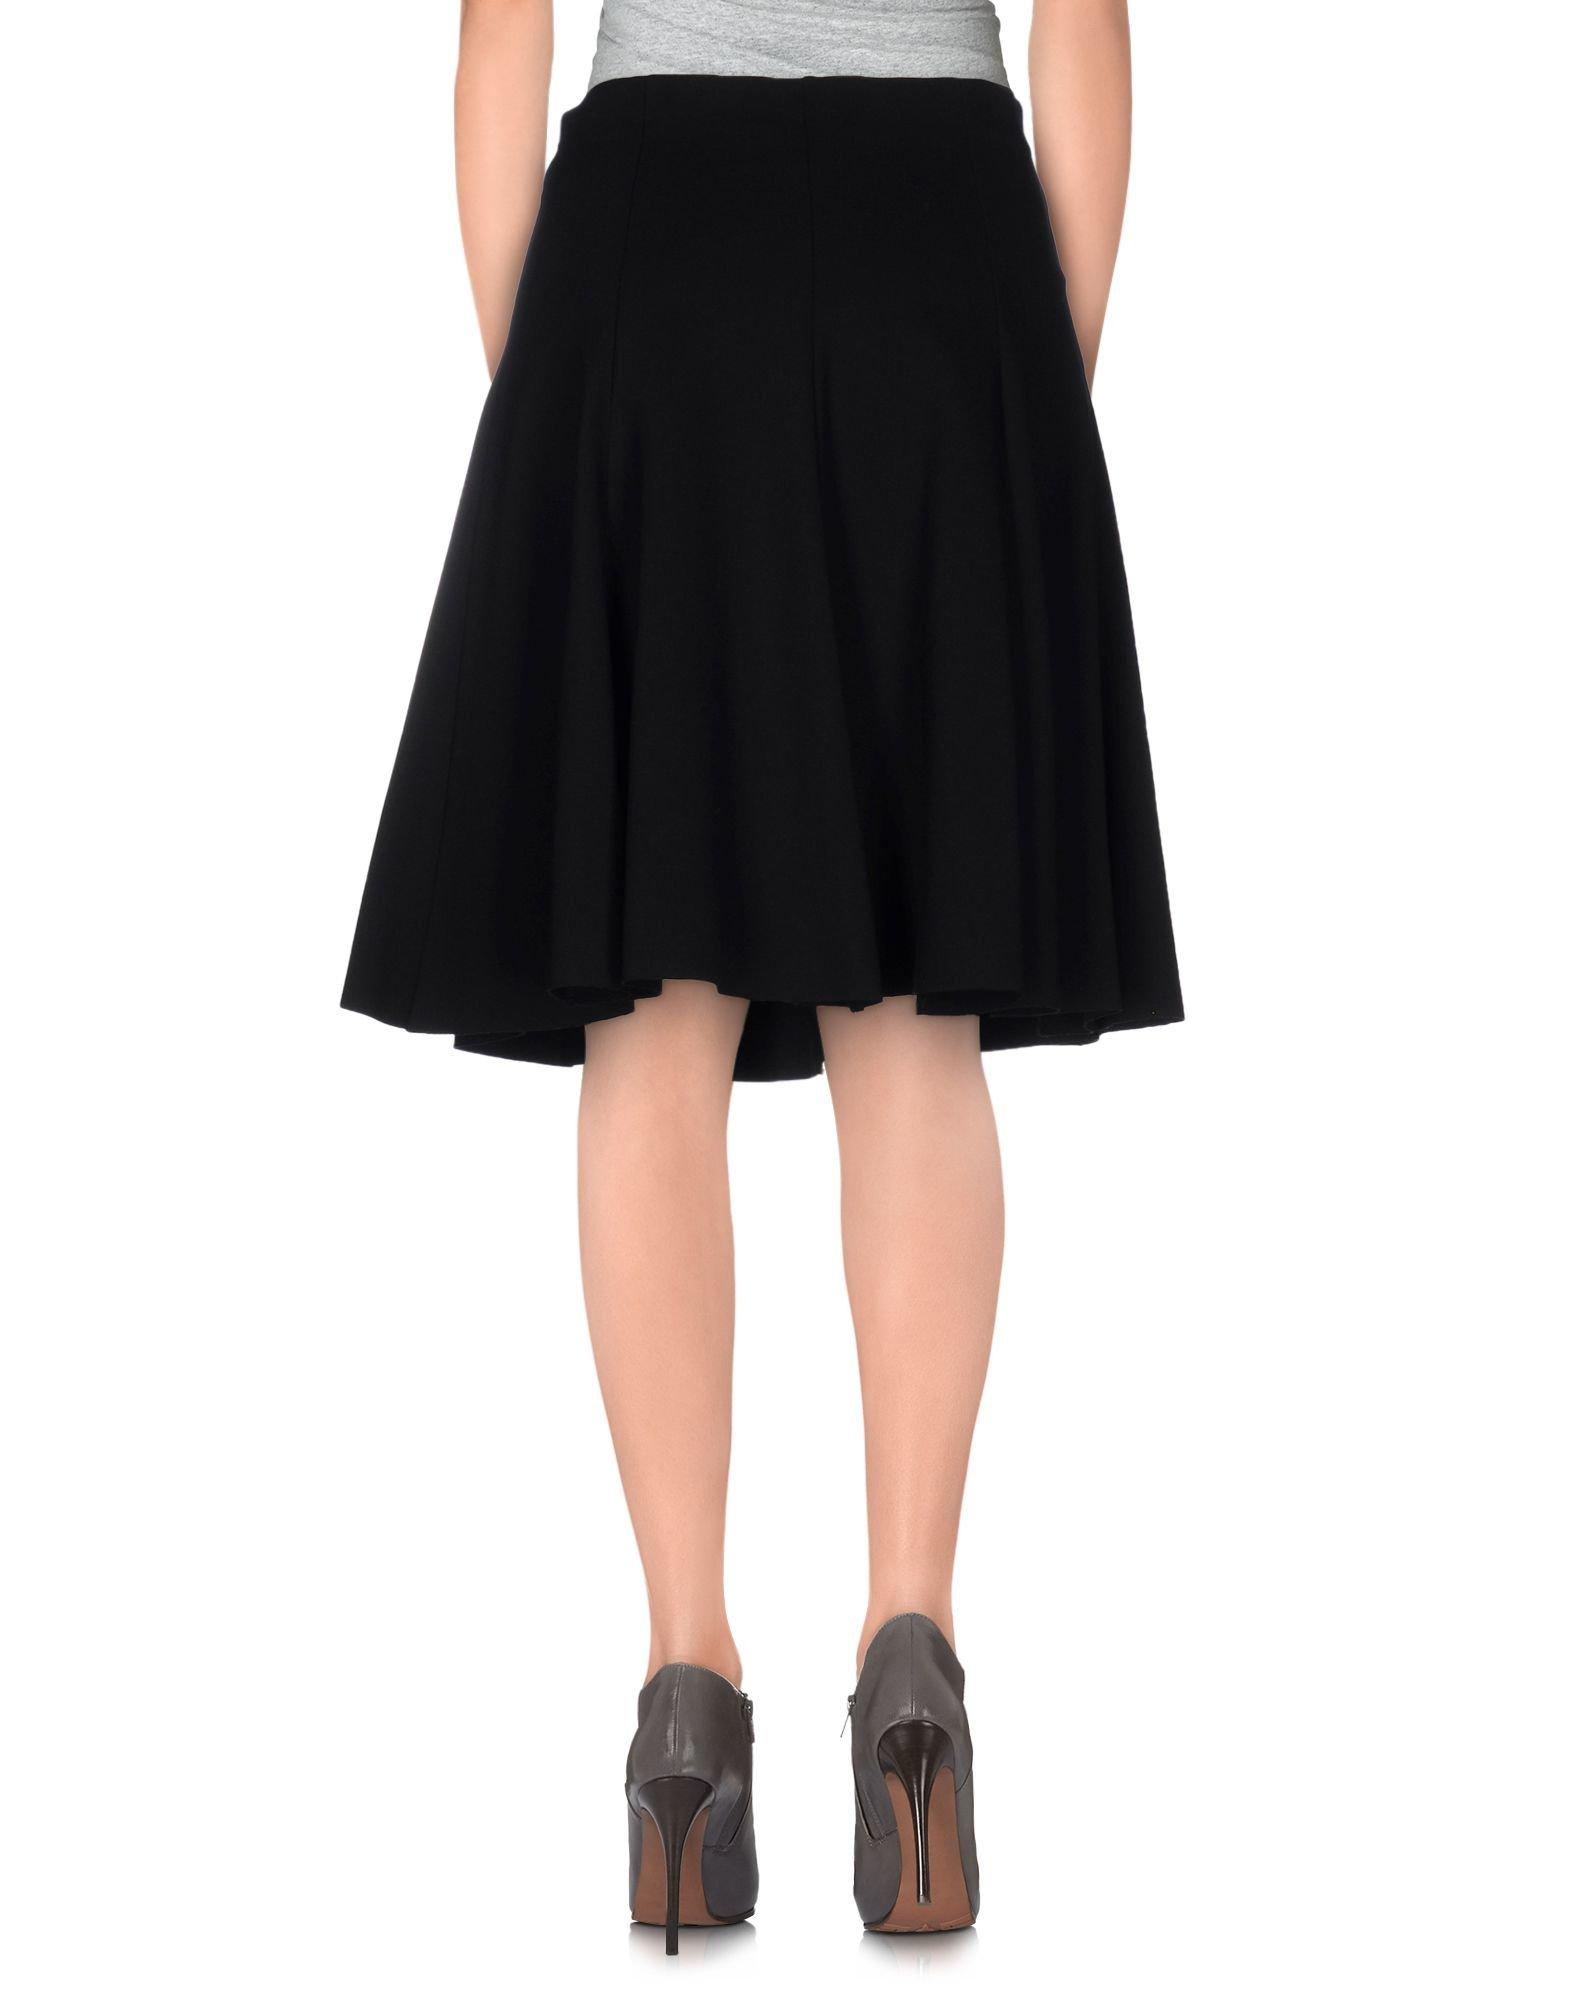 tessa knee length skirt in black lyst